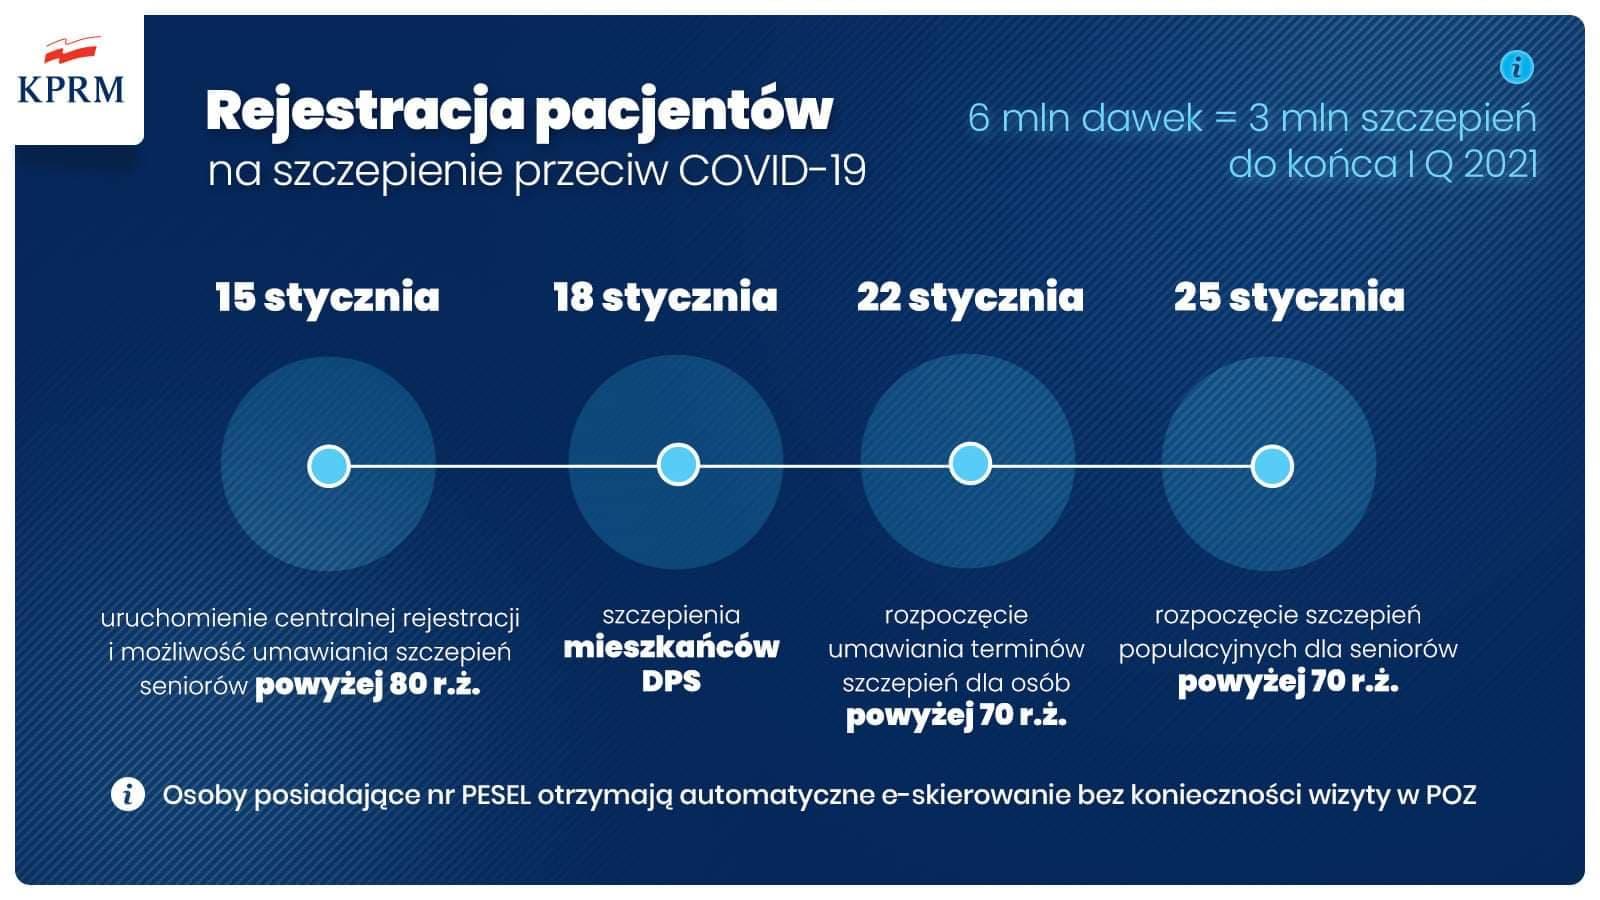 grafika z informacjami o szczepiące na COVID